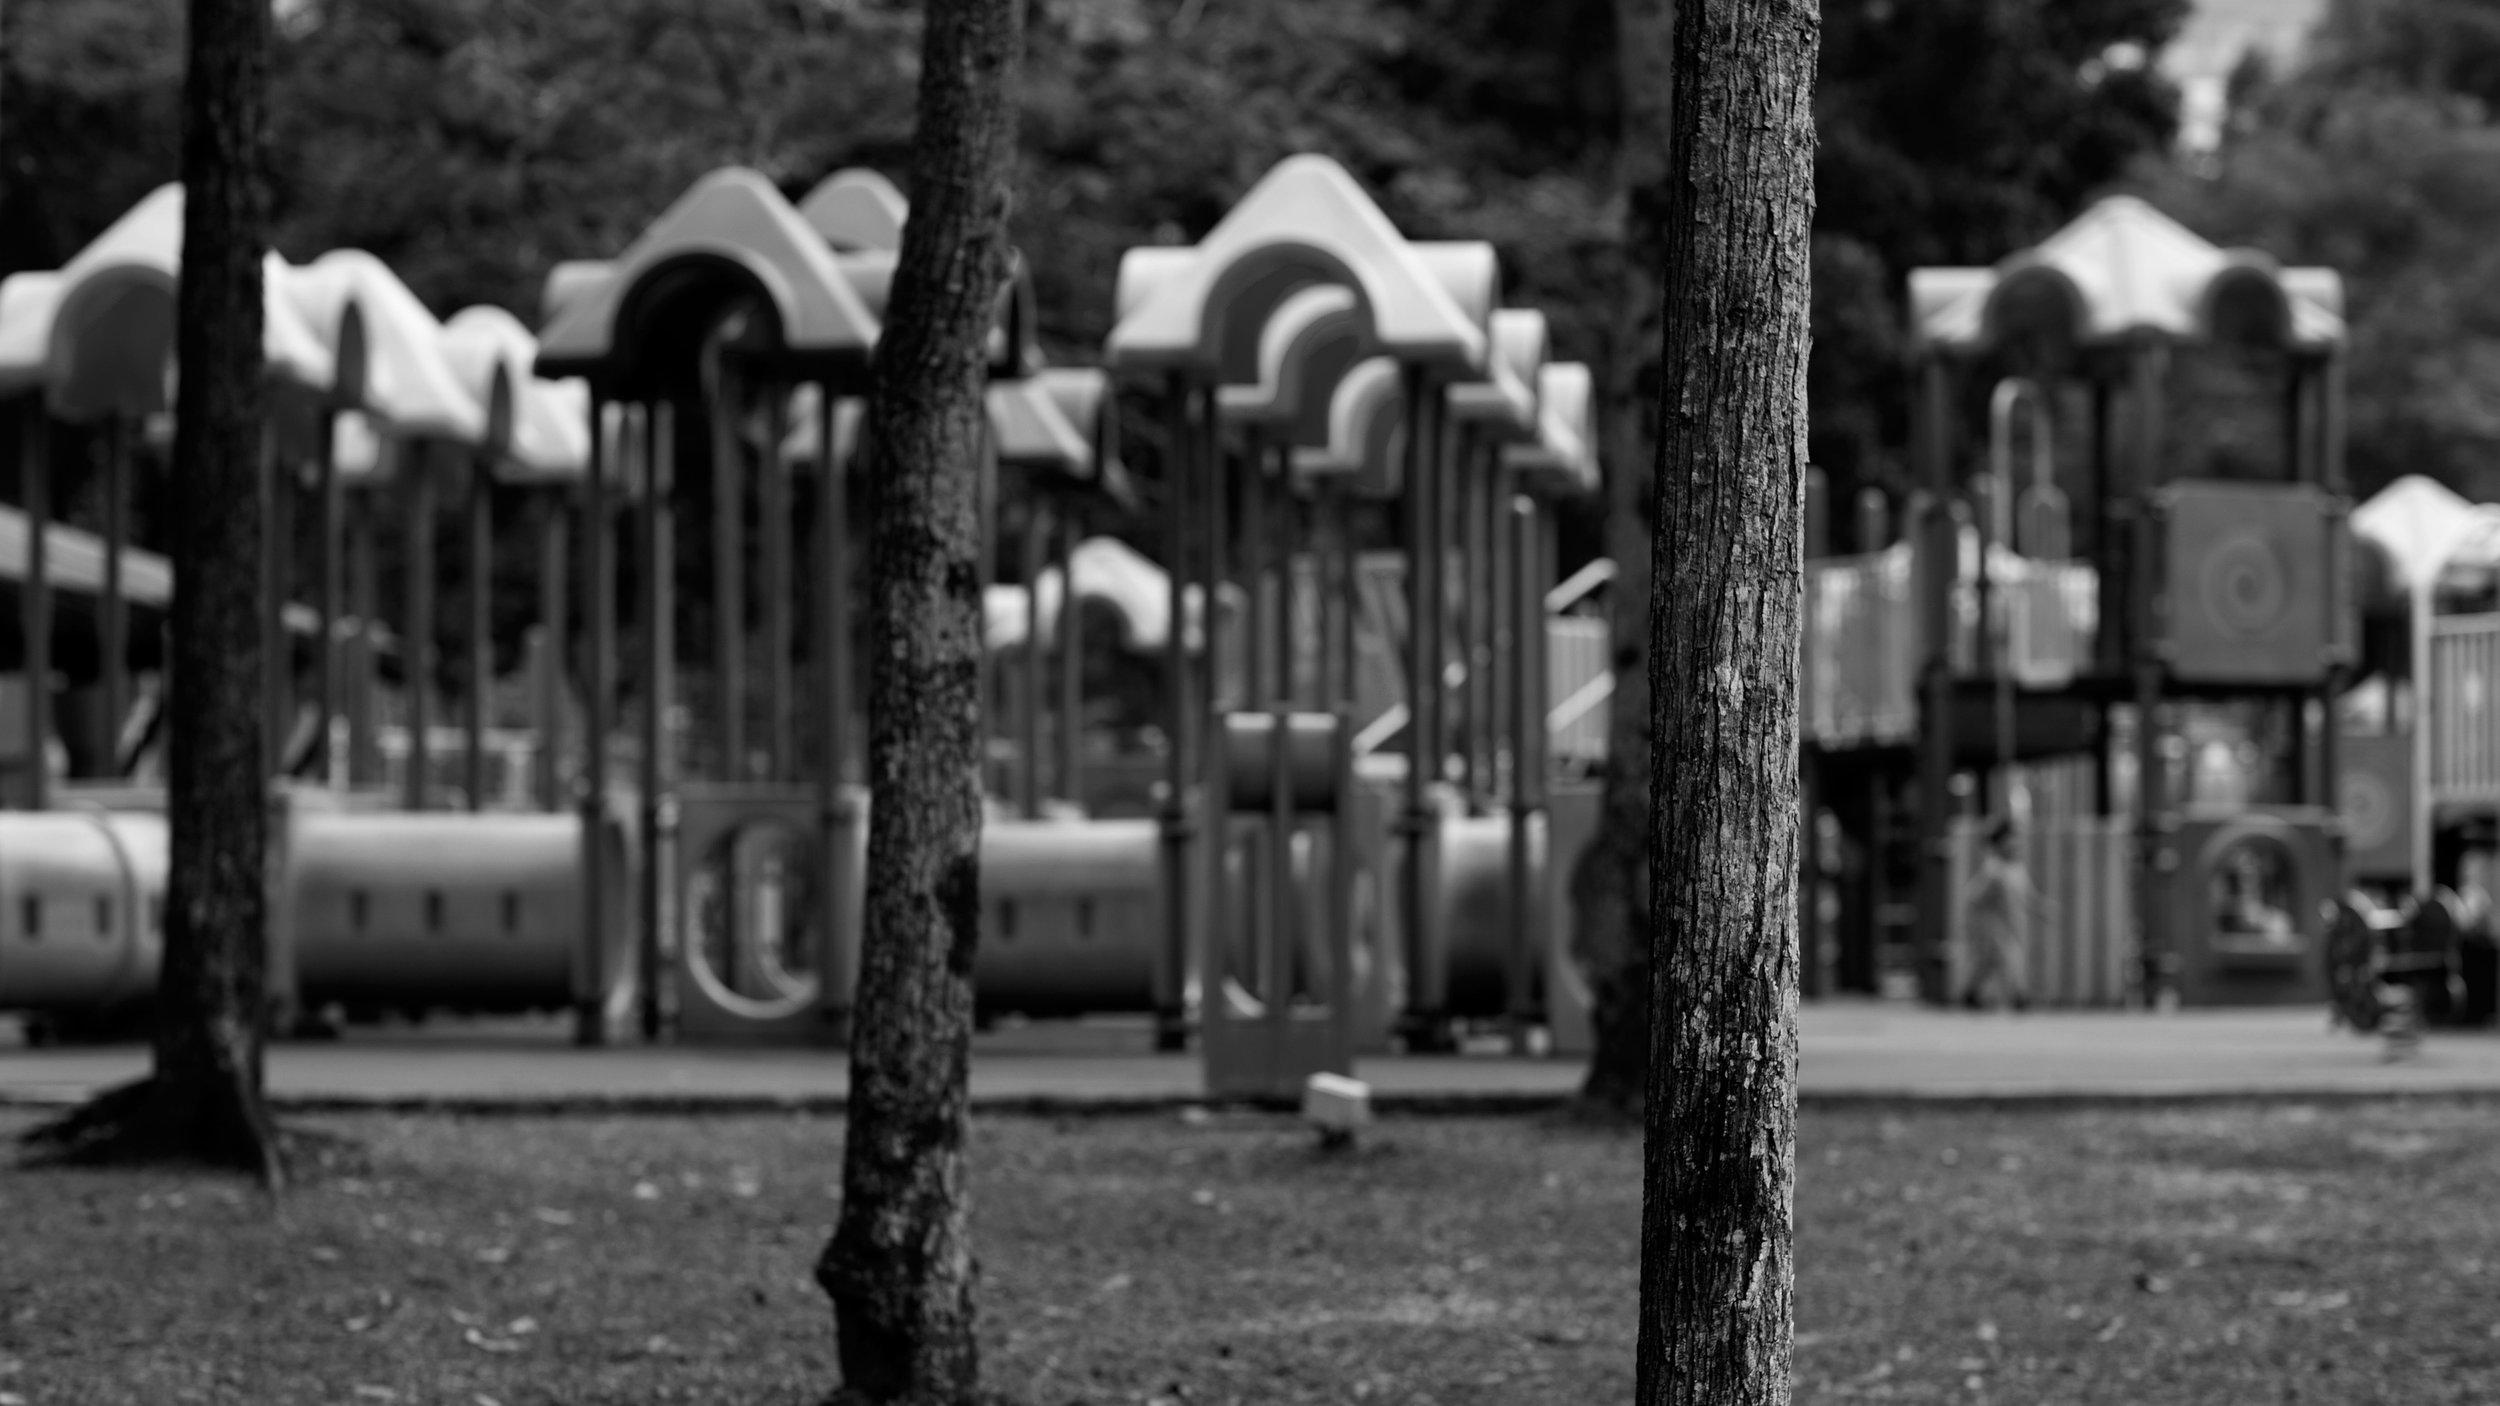 playground-trees-equipment-ws-msl_8717.jpg